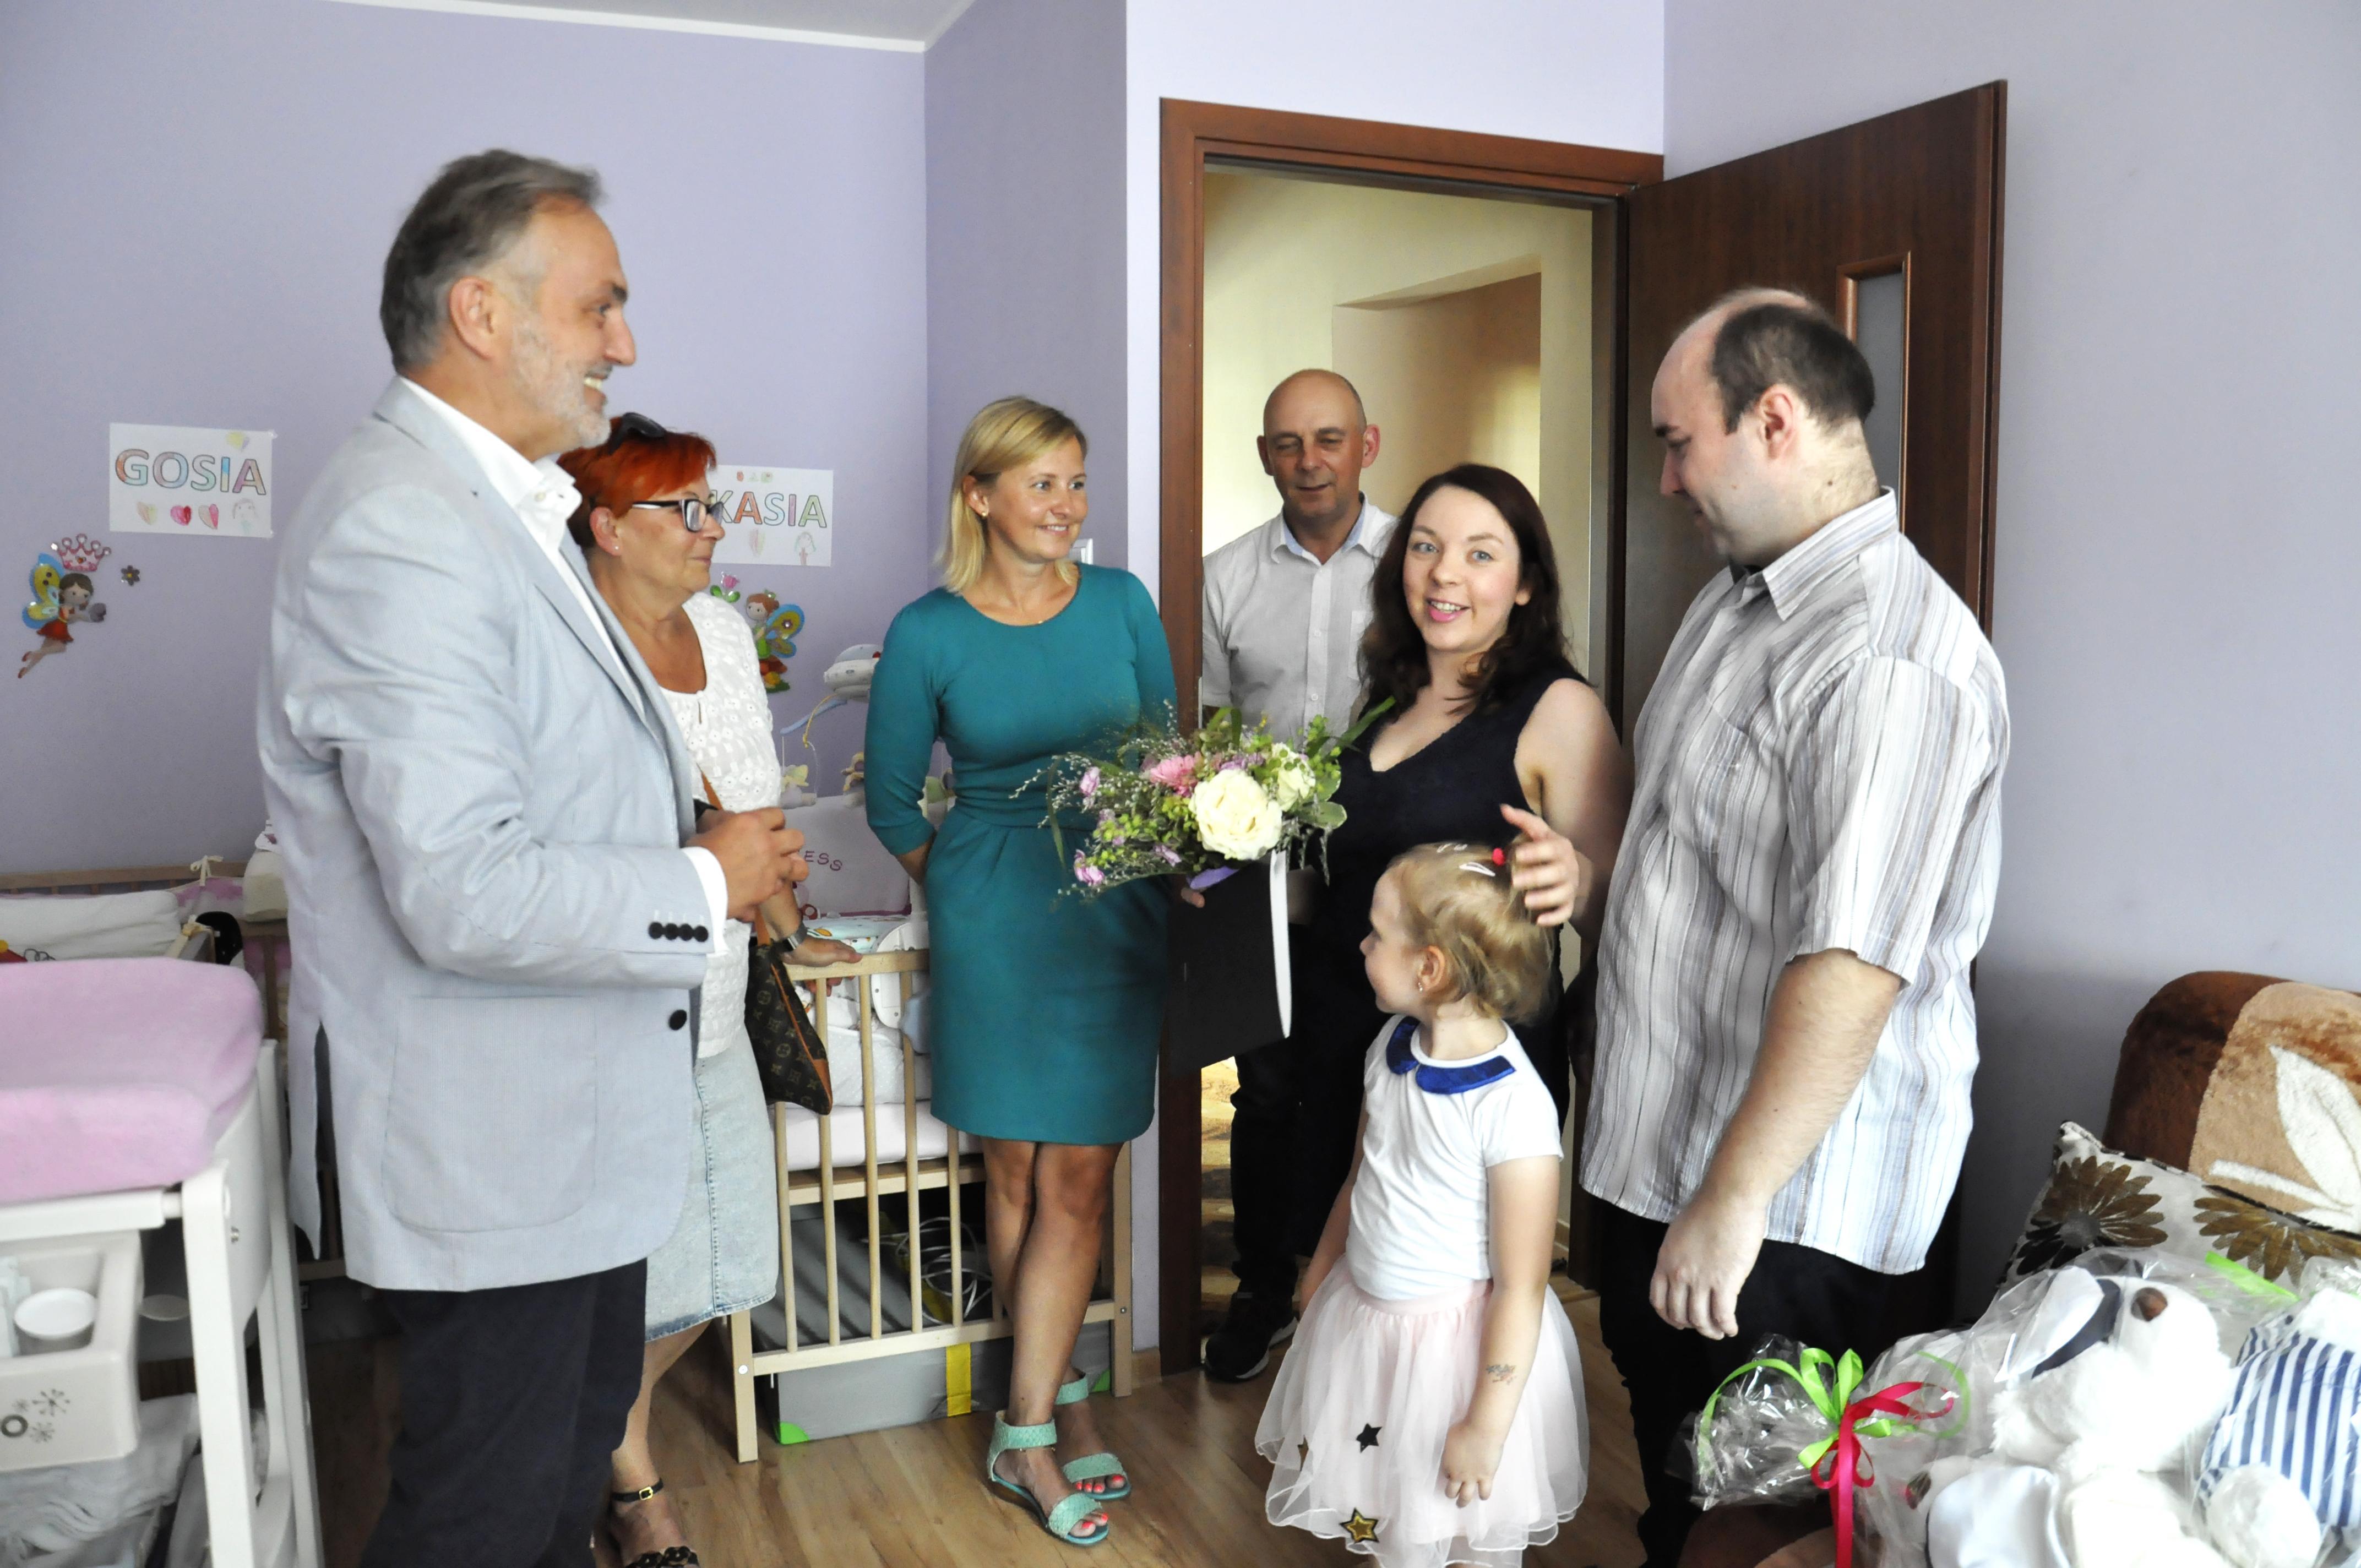 Prezydent Gdyni Wojciech Szczurek z wizytą u Państwa Kaletów